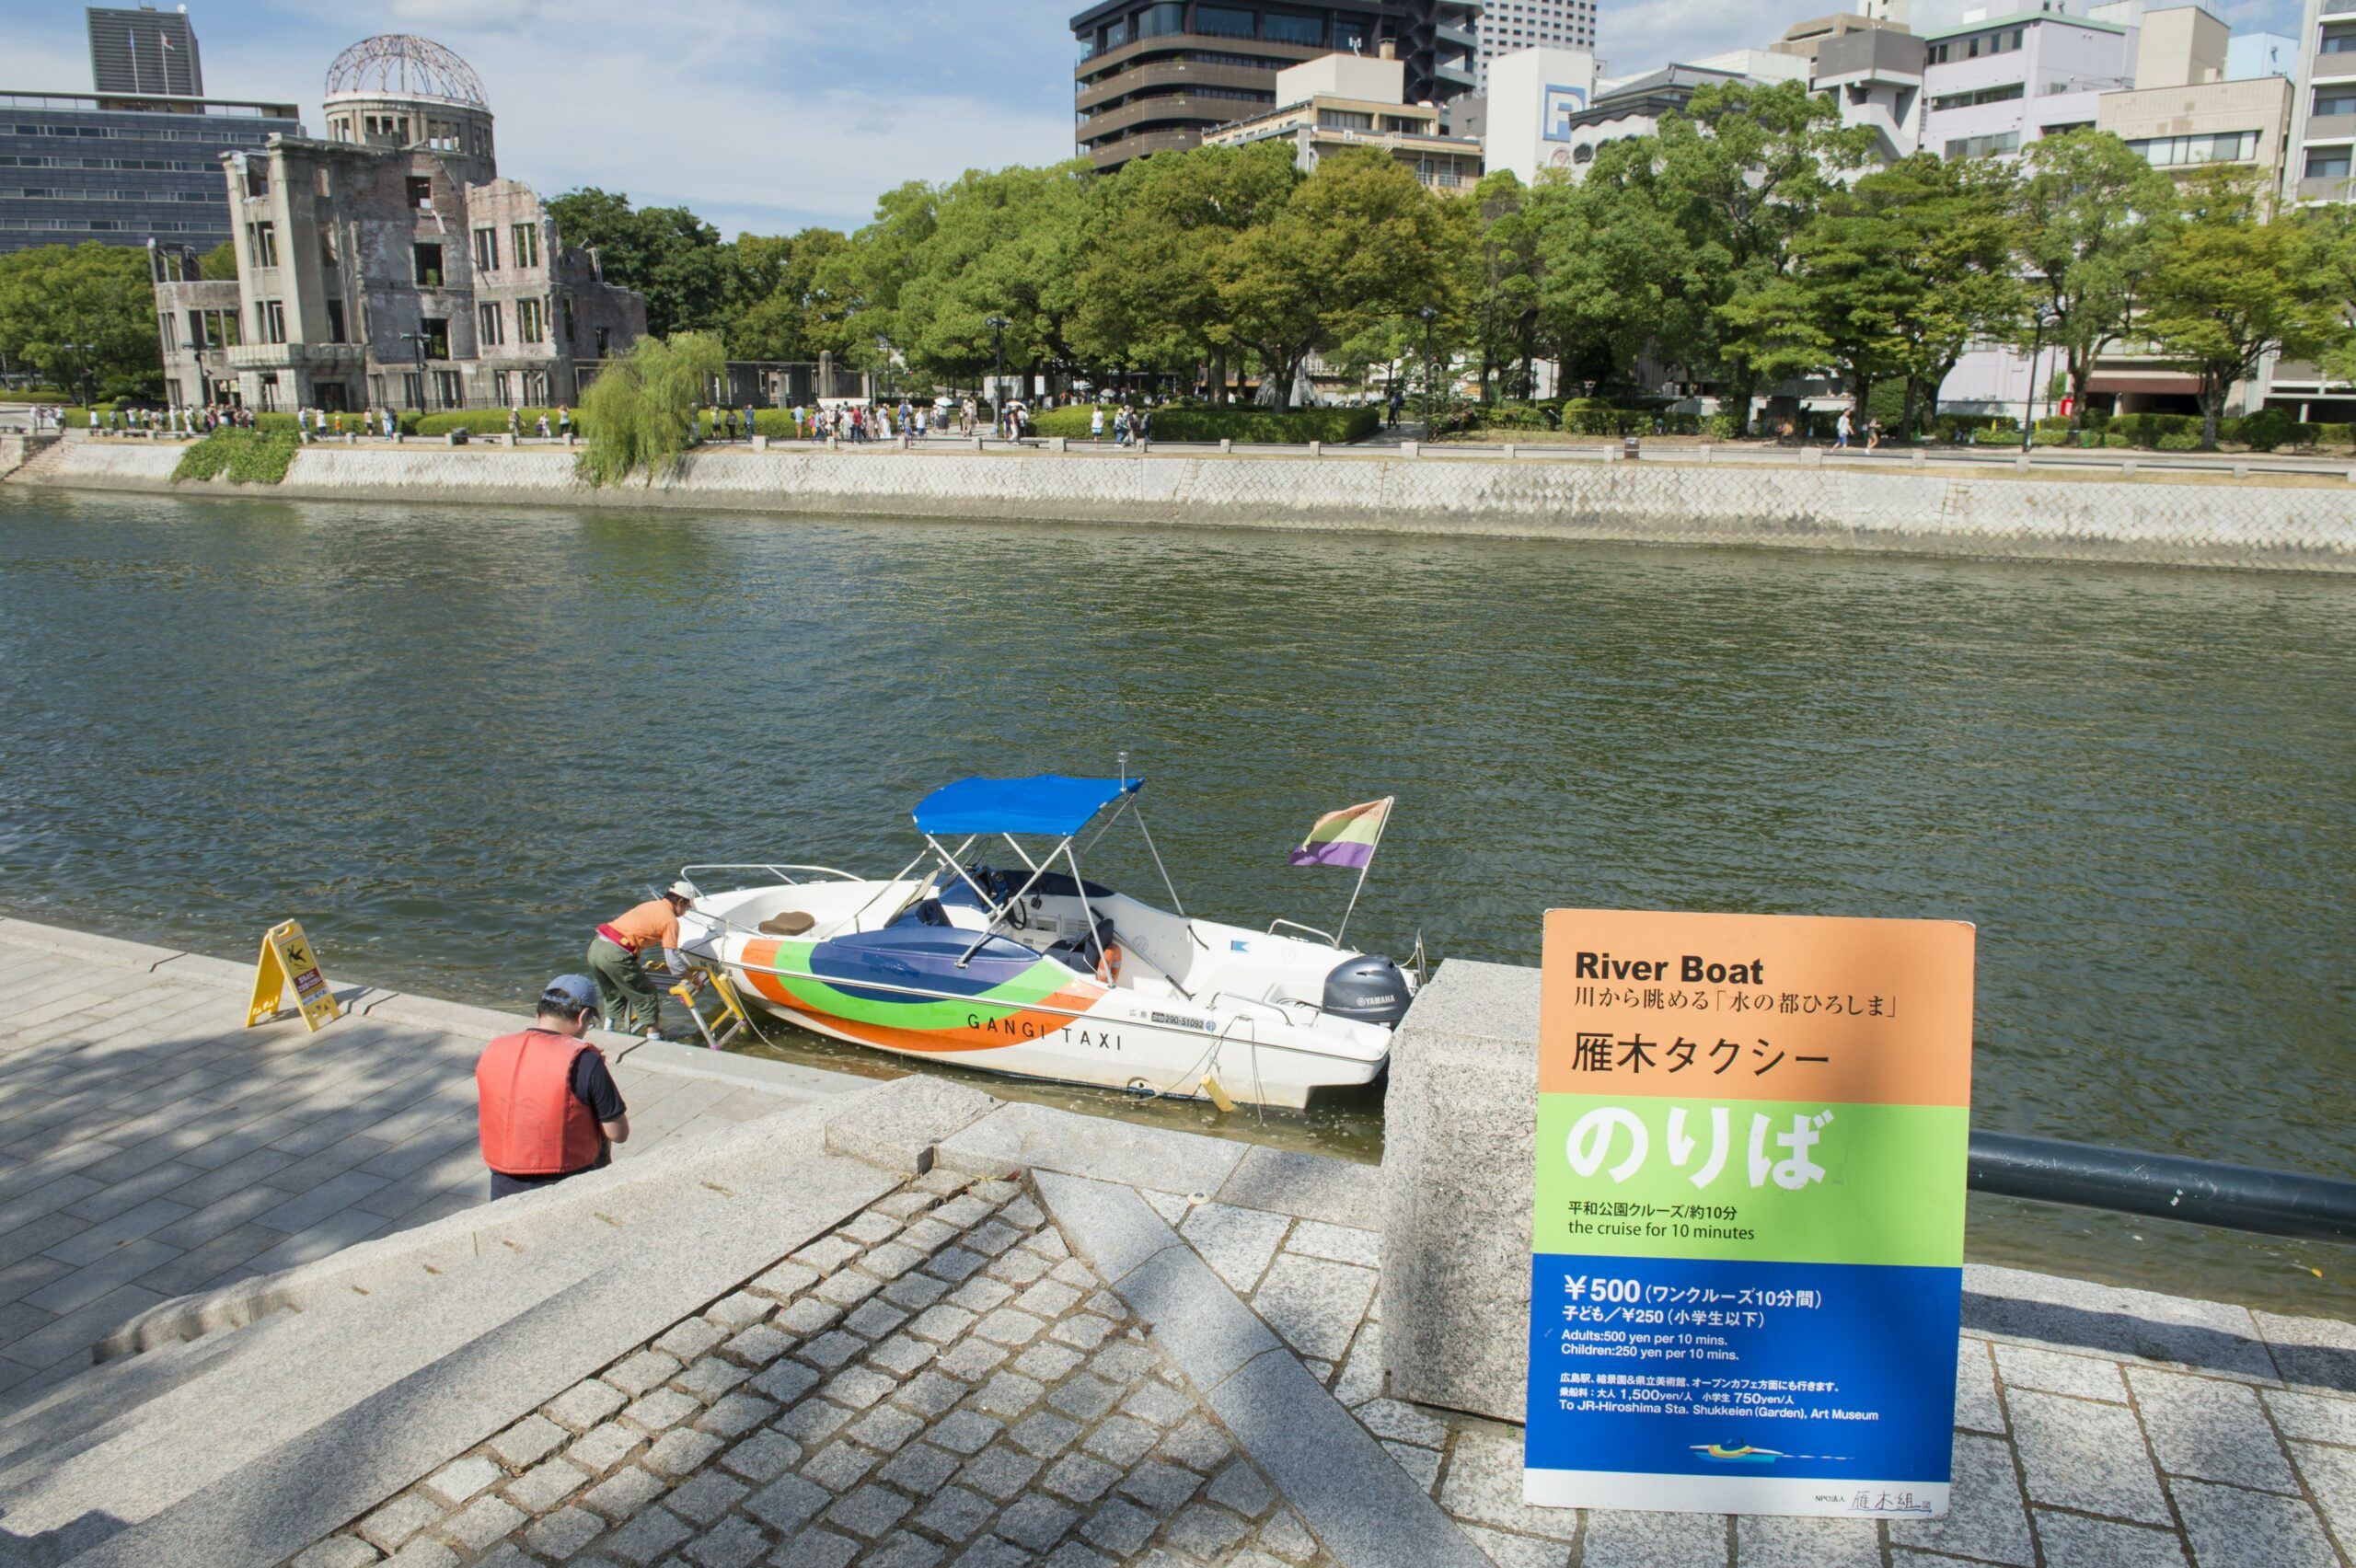 川の街ひろしまを満喫 水上タクシーで河川散歩(広島市)